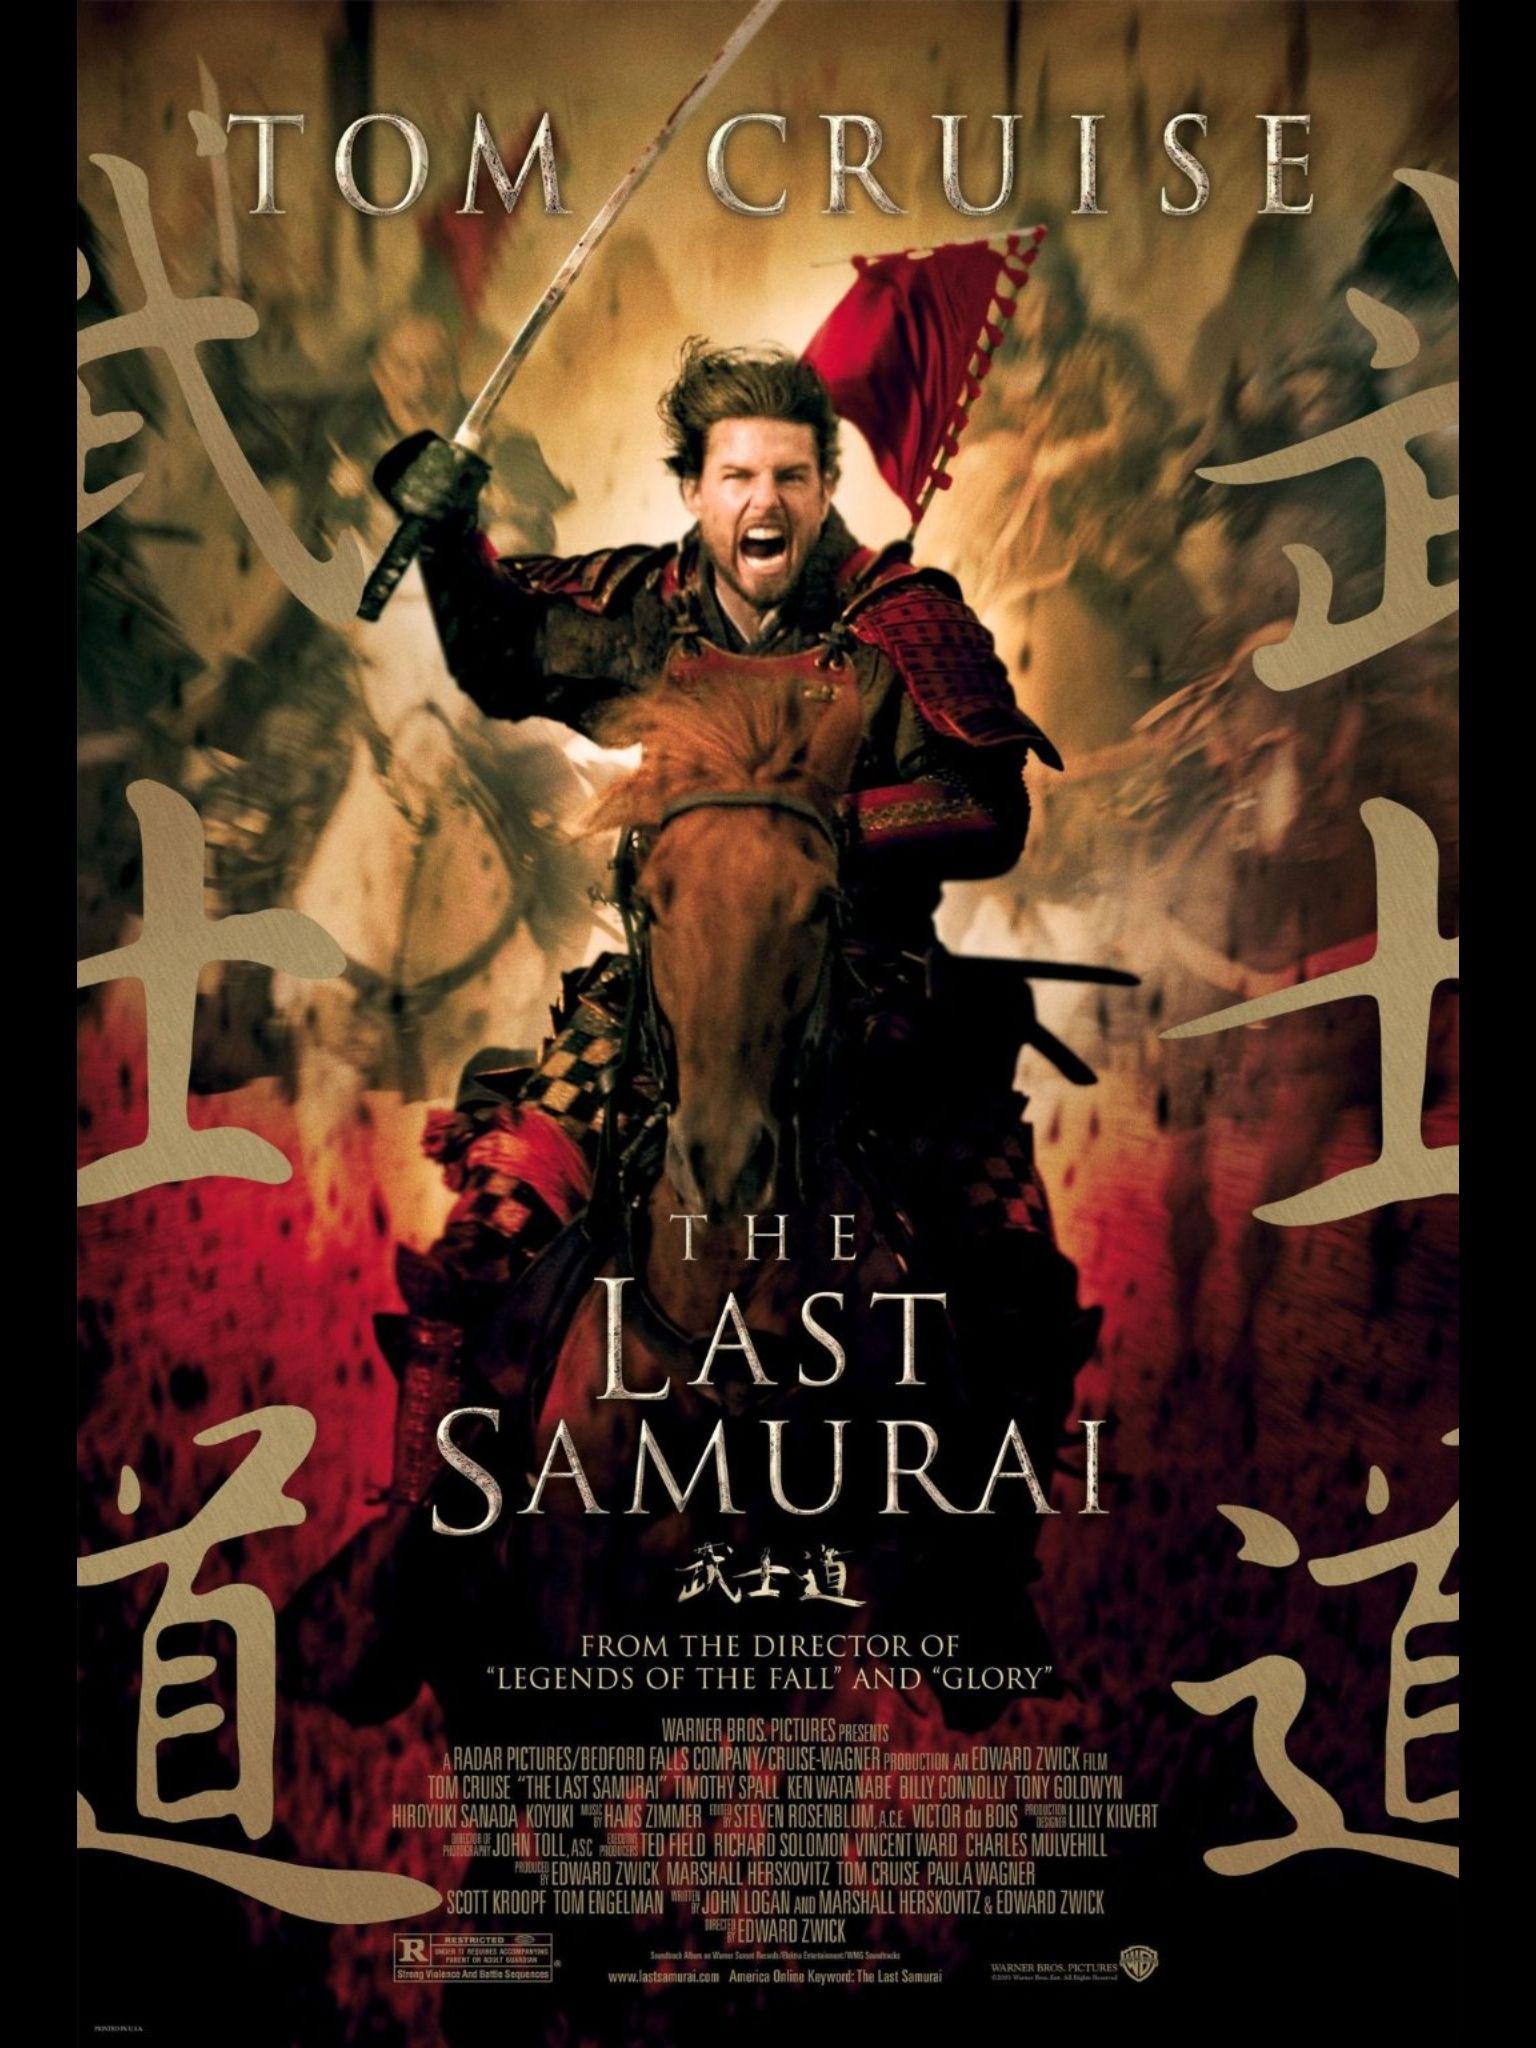 The Last Samurai The Last Samurai